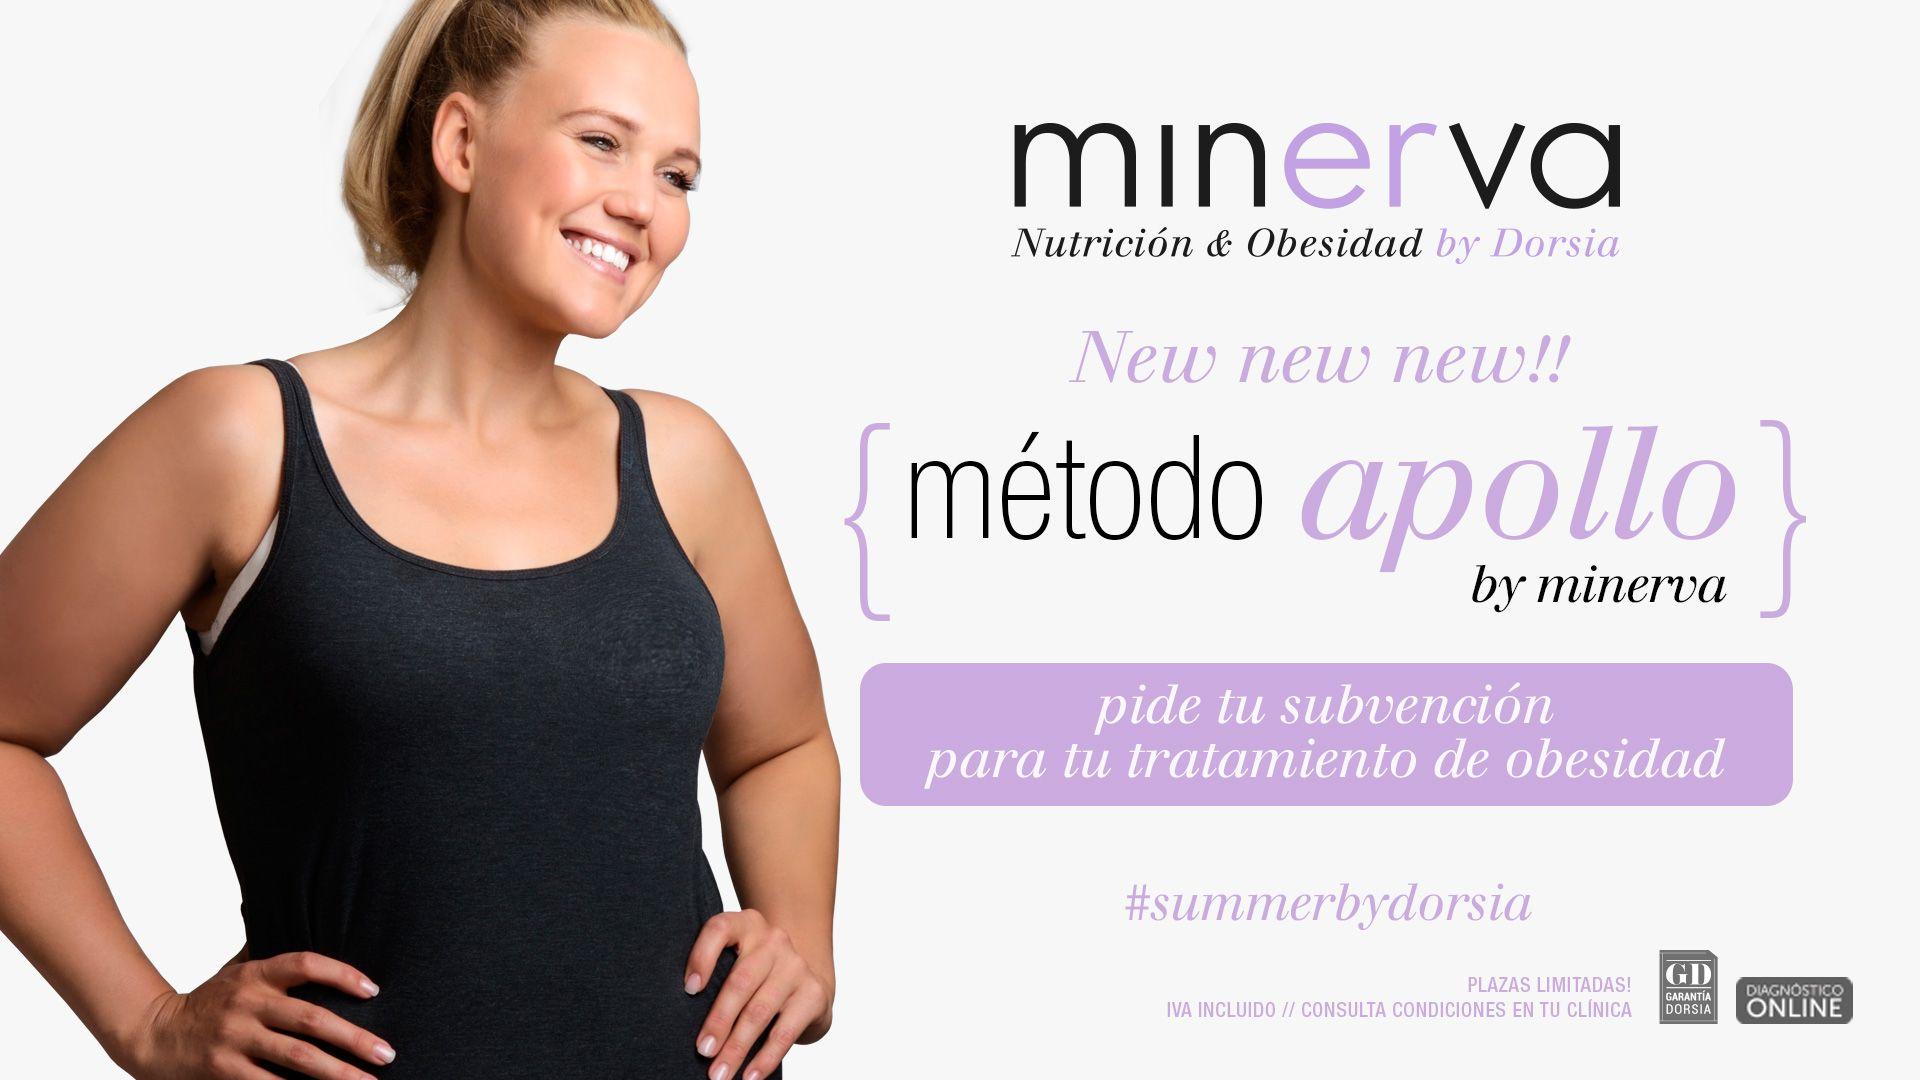 En este camino no vas a estar sólo. En Minerva ta damos todo nuestro apoyo. ¡Empieza una nueva vida!